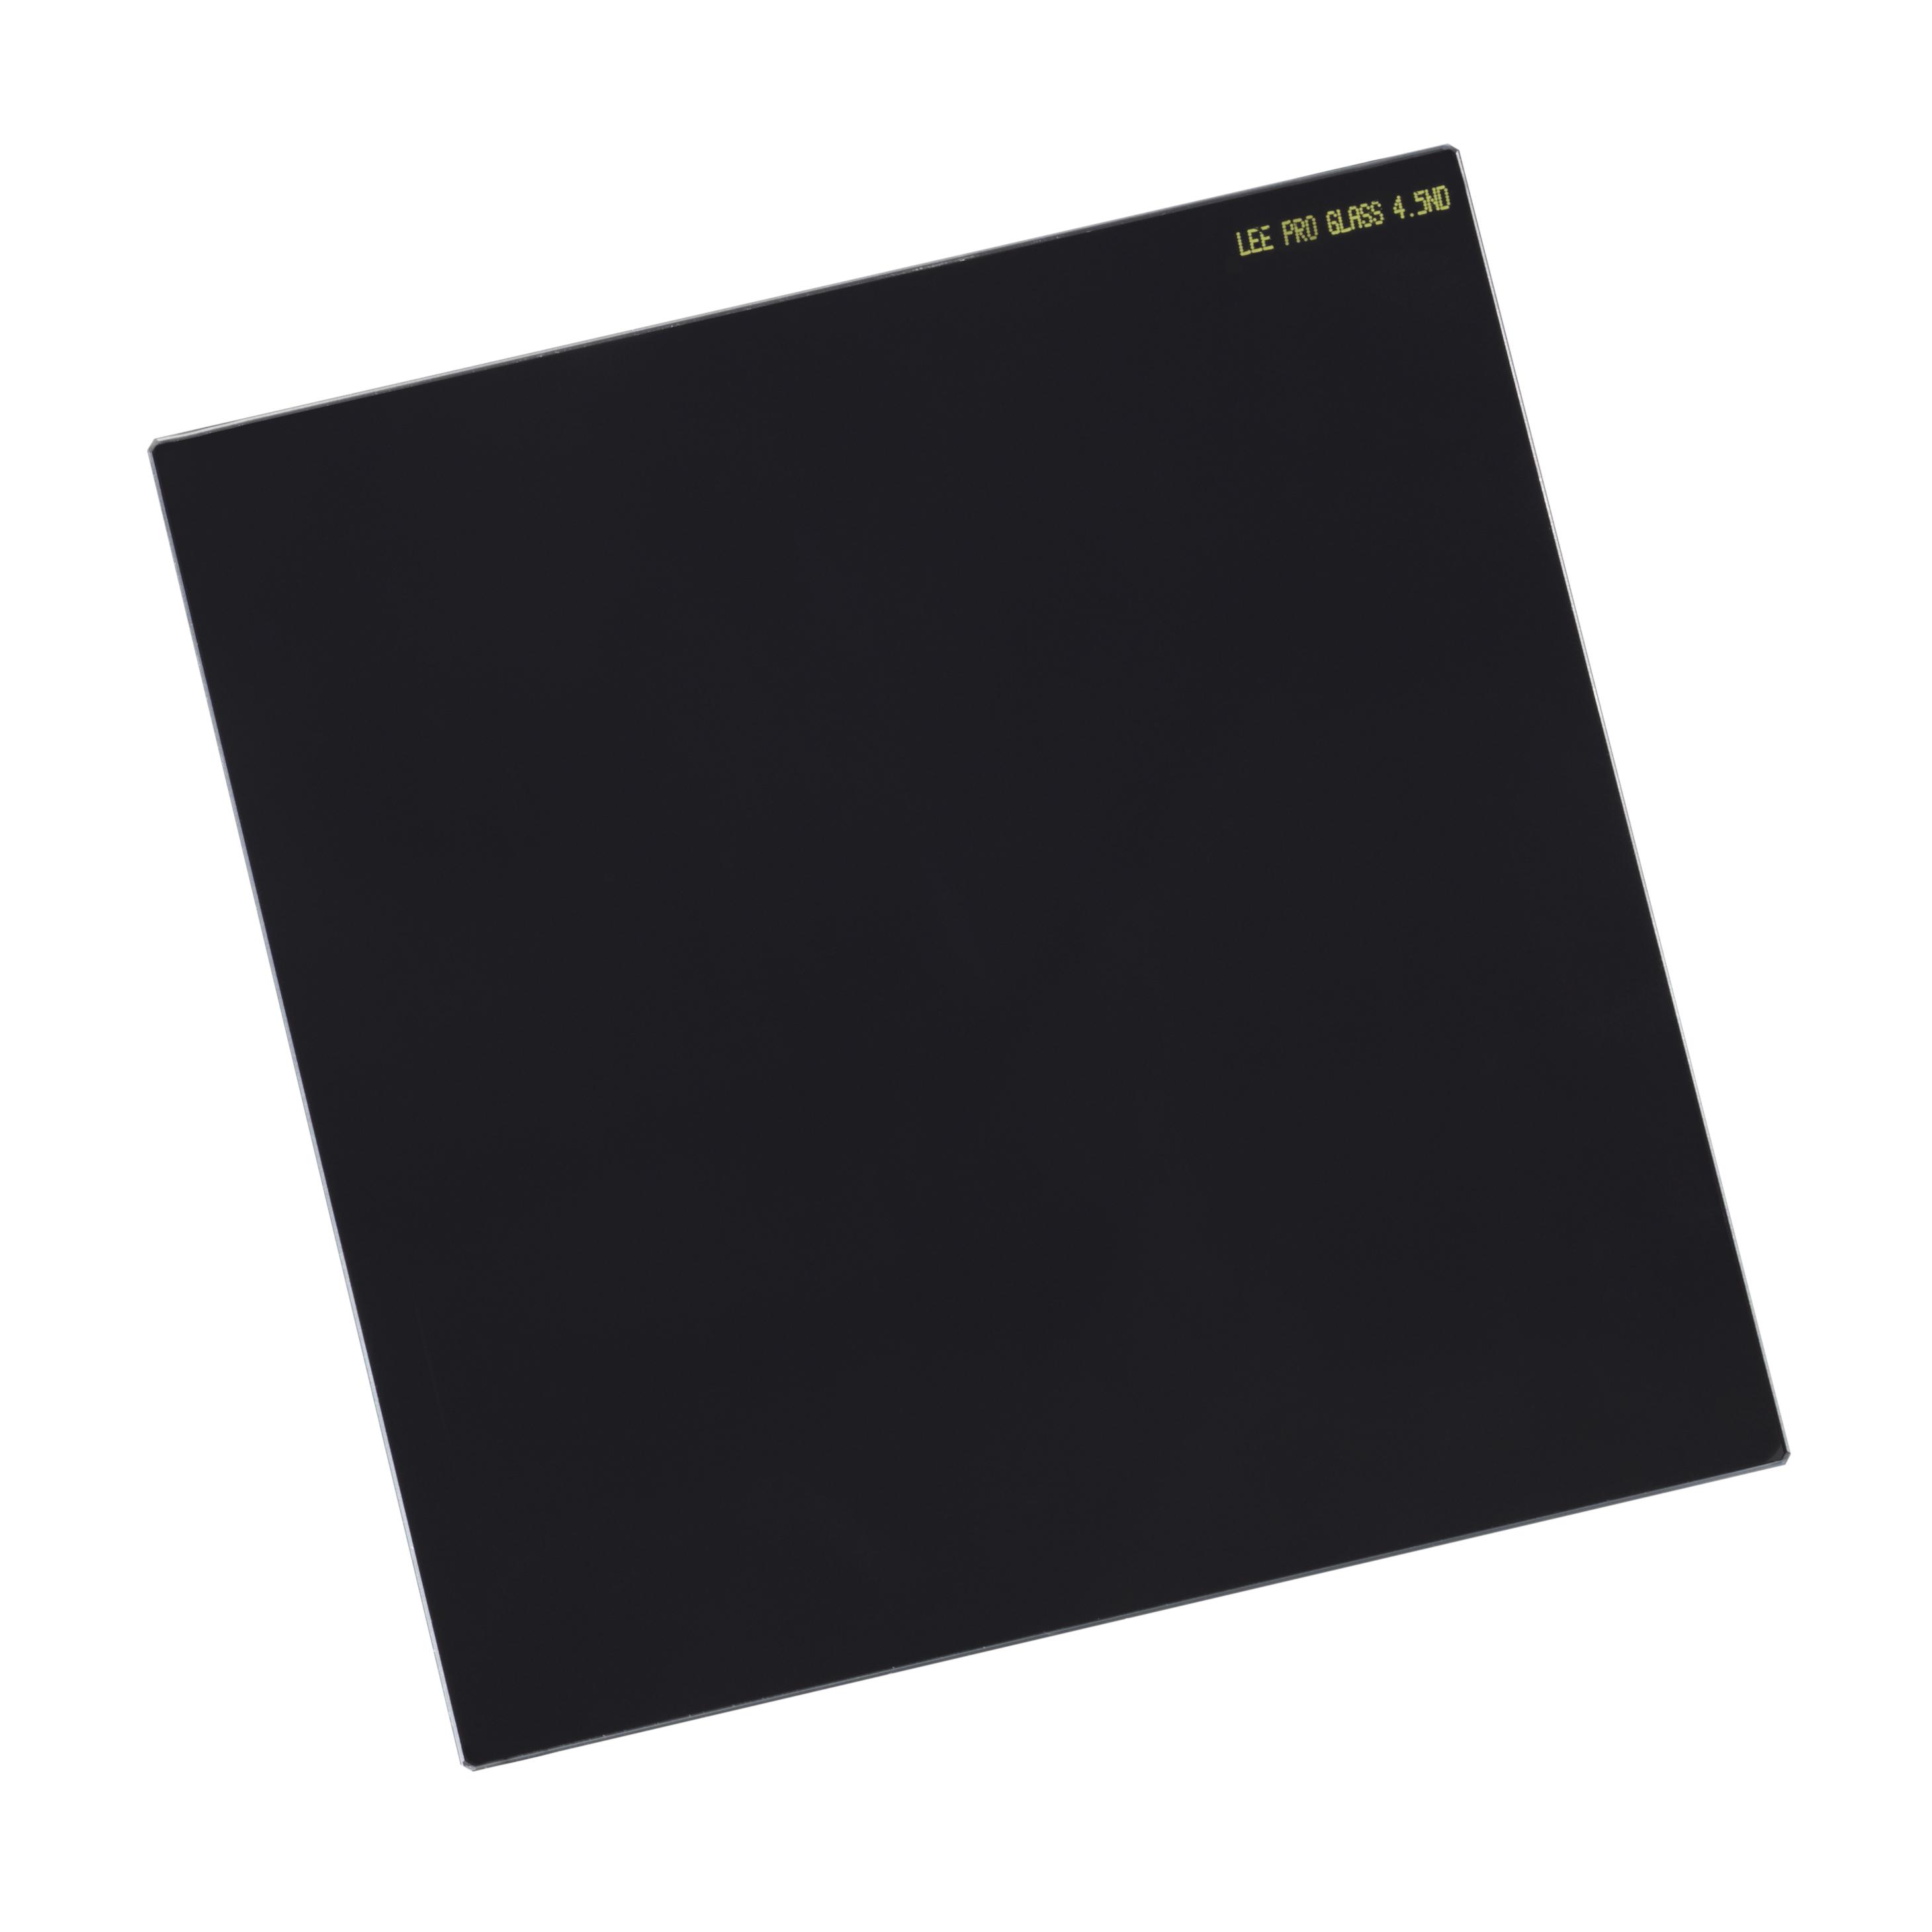 ProGlass-ND-4.5-Filter